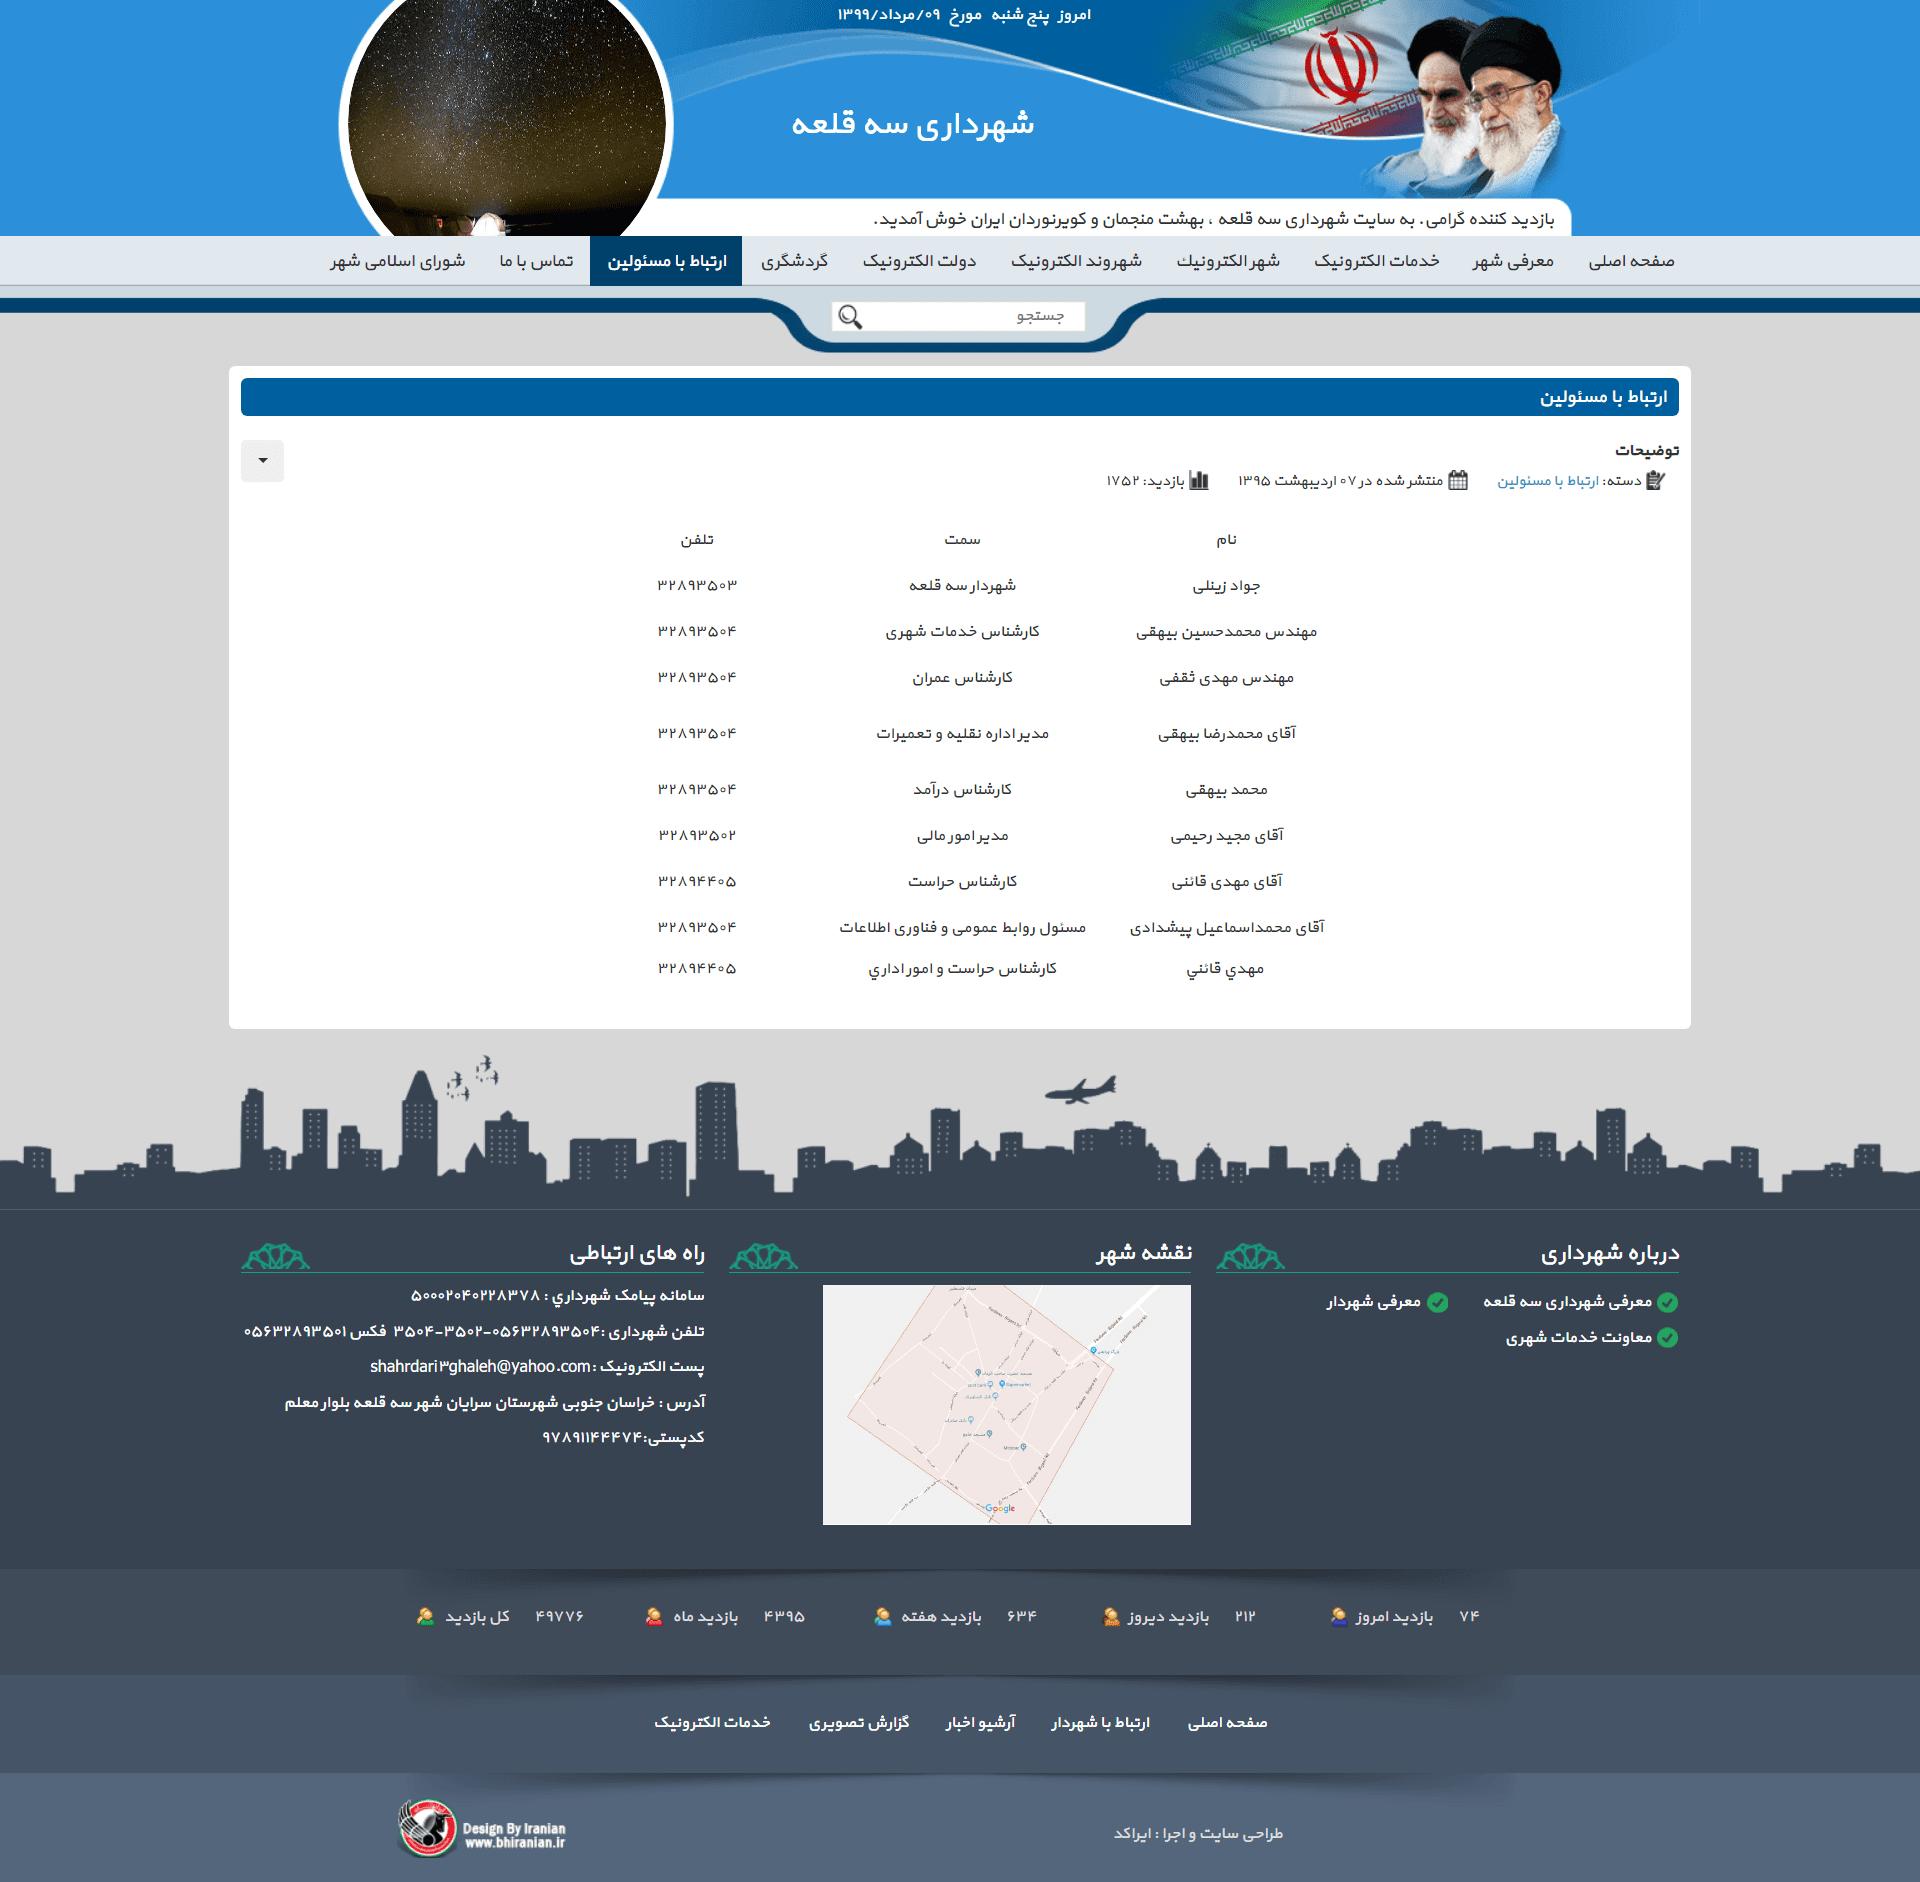 صفحه ارتباط با مسئولین شهرداری سه قلعه